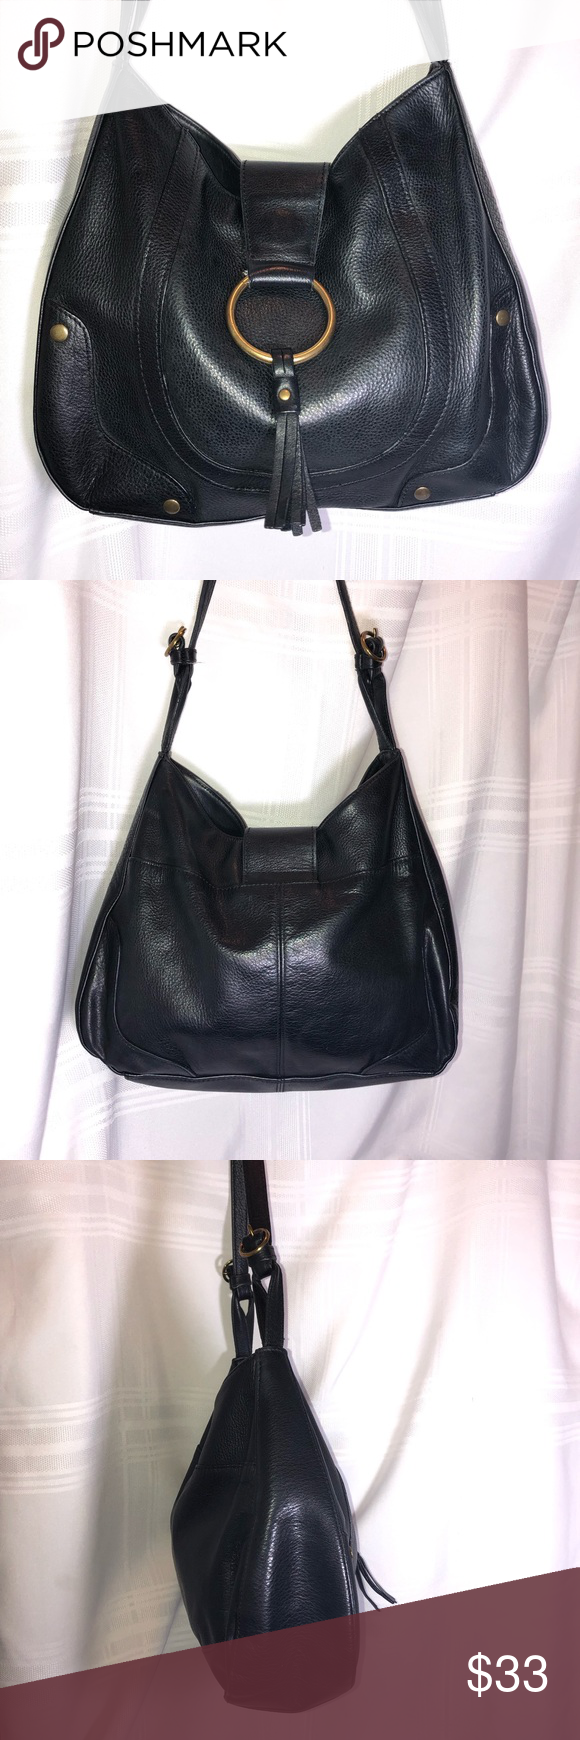 Black Wilsons Leather Studded Bag Adjustable Strap